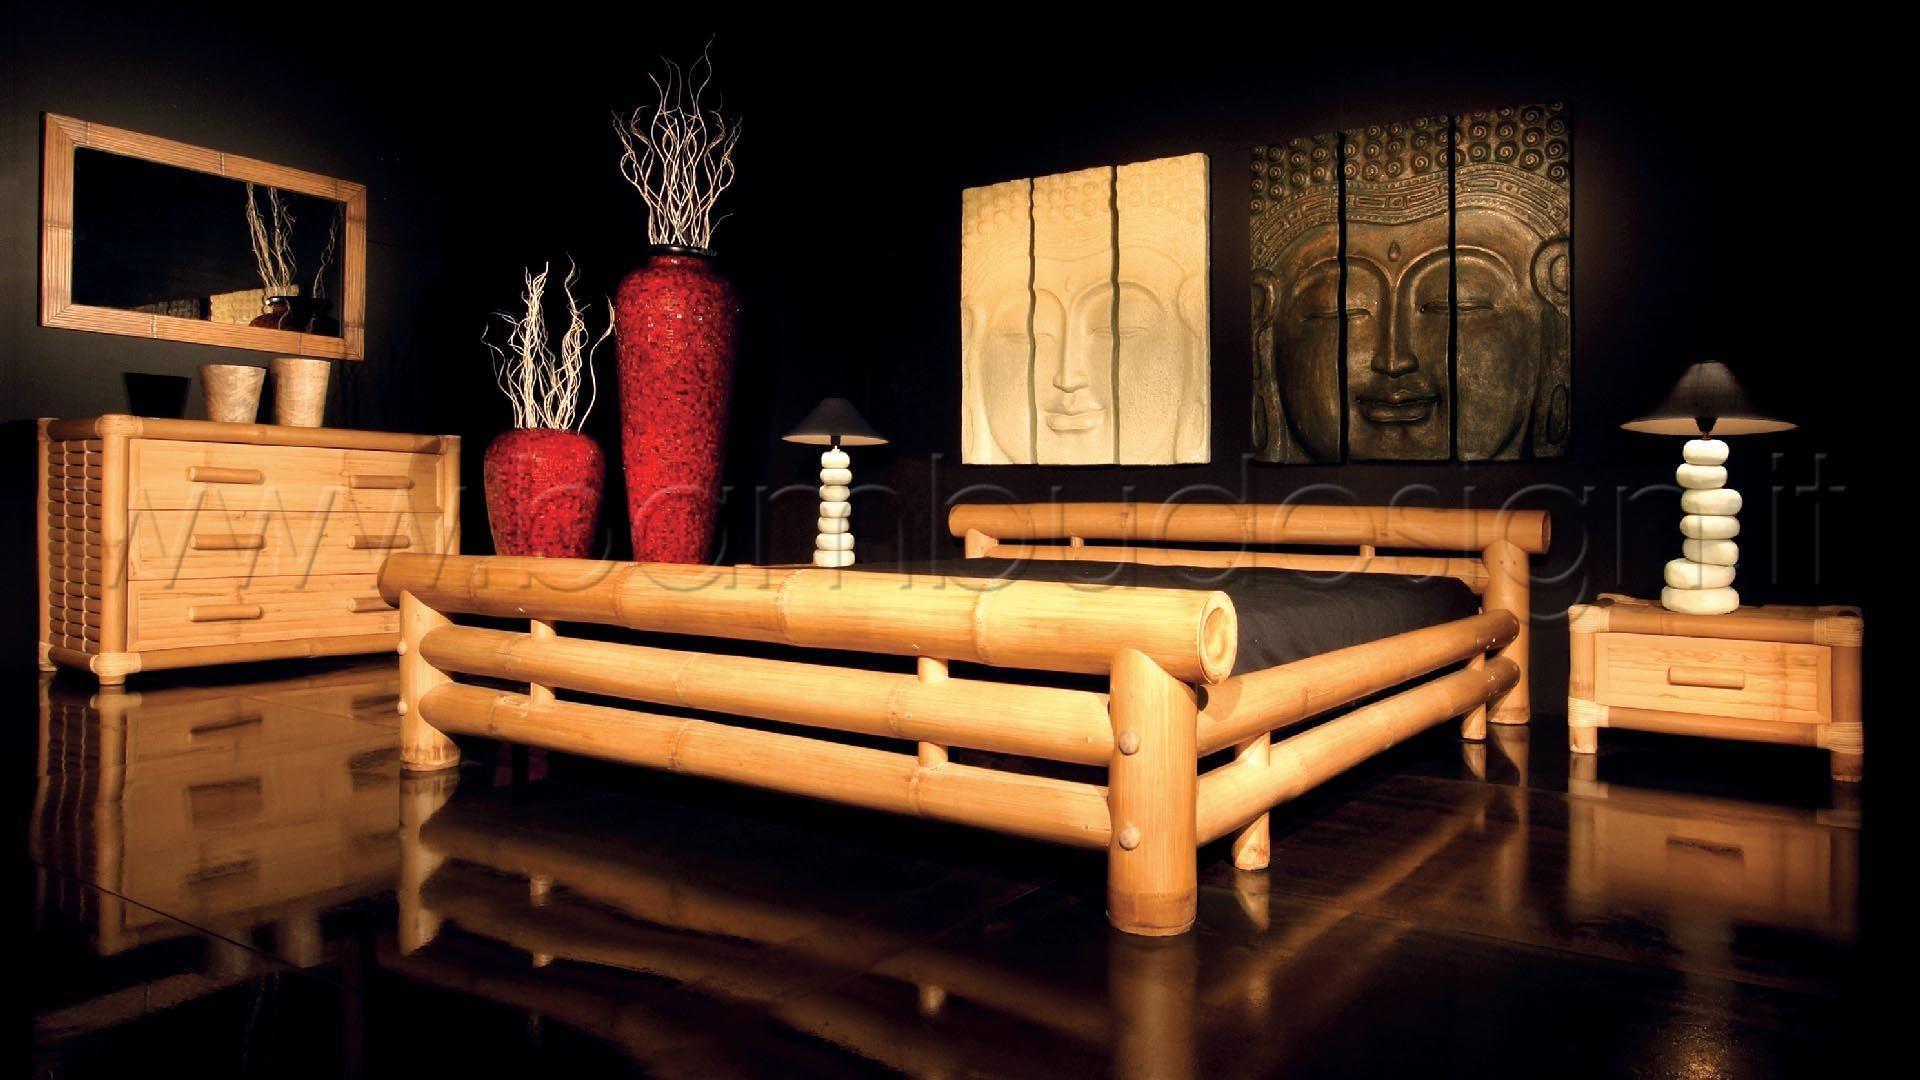 Letto big bambu naturale con rete ortopedica a doghe in